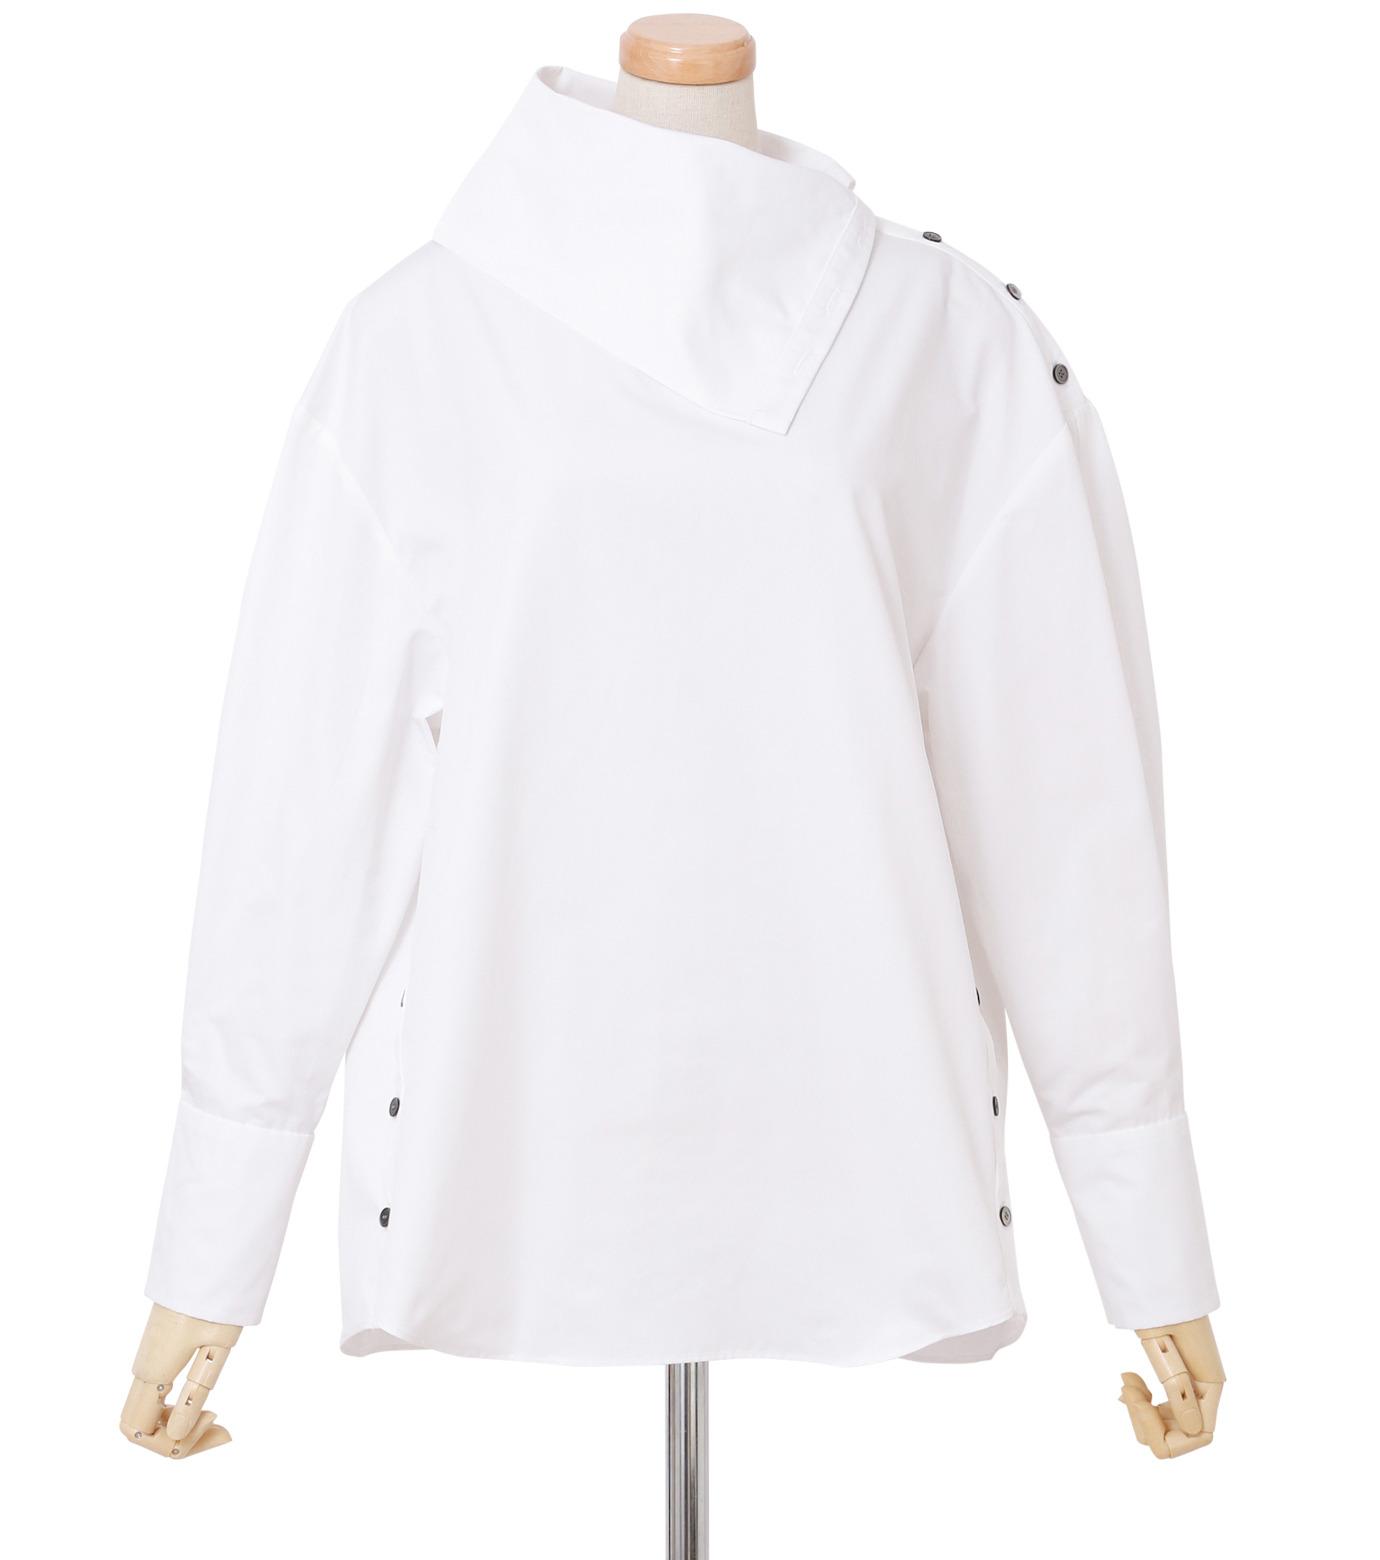 IRENE(アイレネ)のサイドウェイカラーシャツ-WHITE(シャツ/shirt)-18A83003 拡大詳細画像1